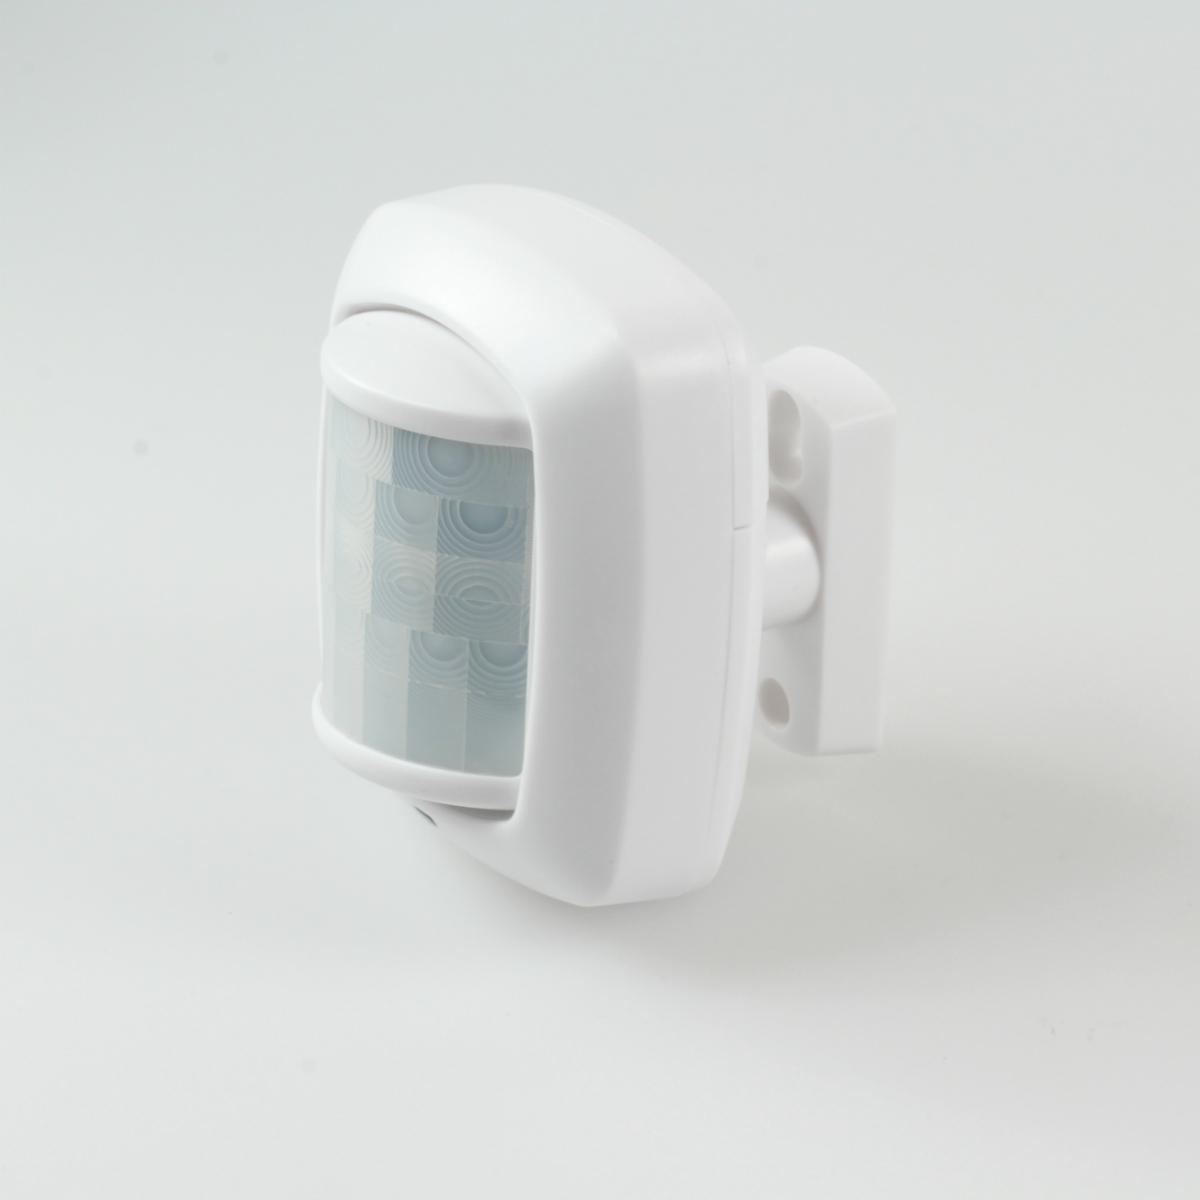 Pir Passive Infrared Sensor Transmitter Hearing